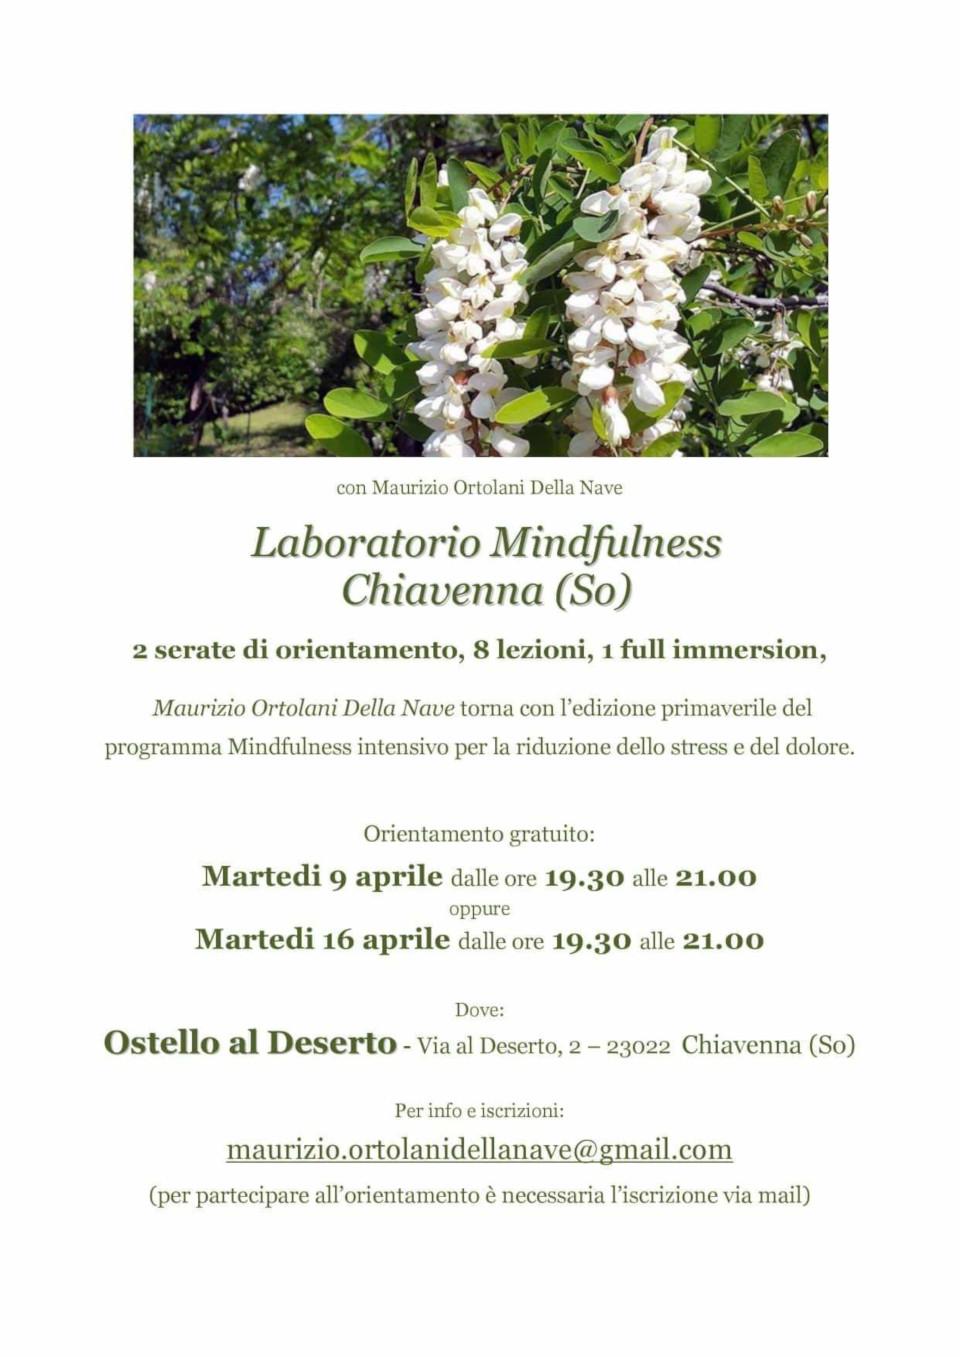 Laboratorio Mindfulness